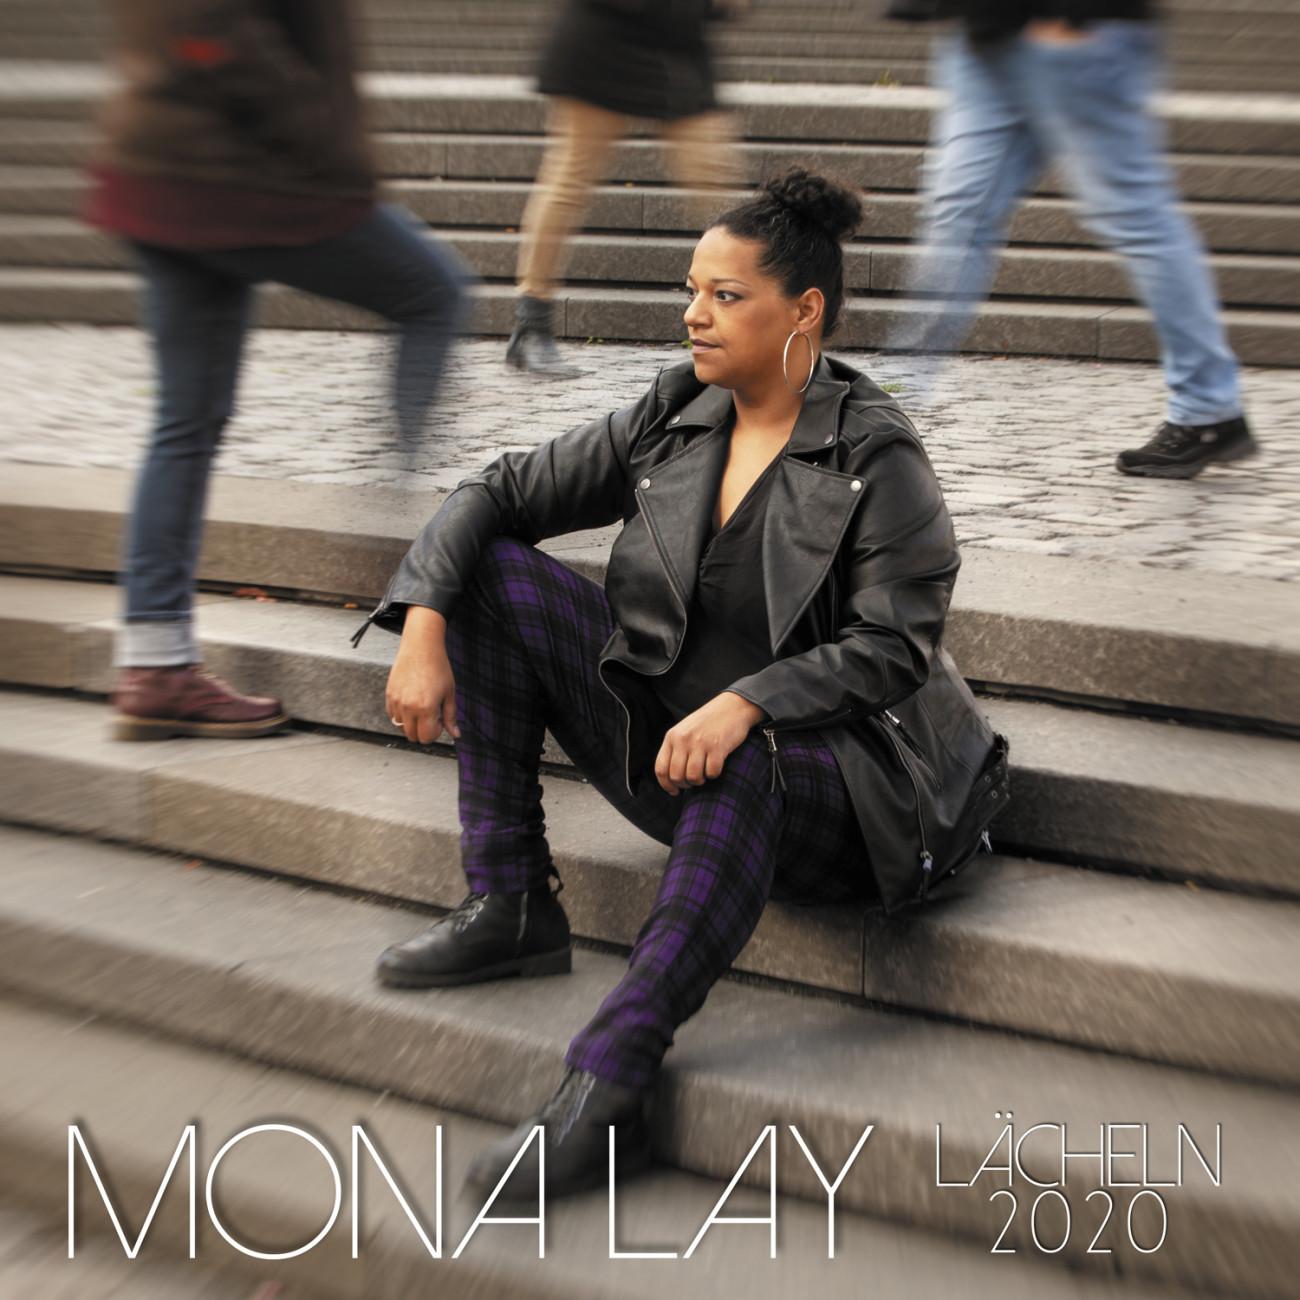 Mona Lay, Lächeln 2020